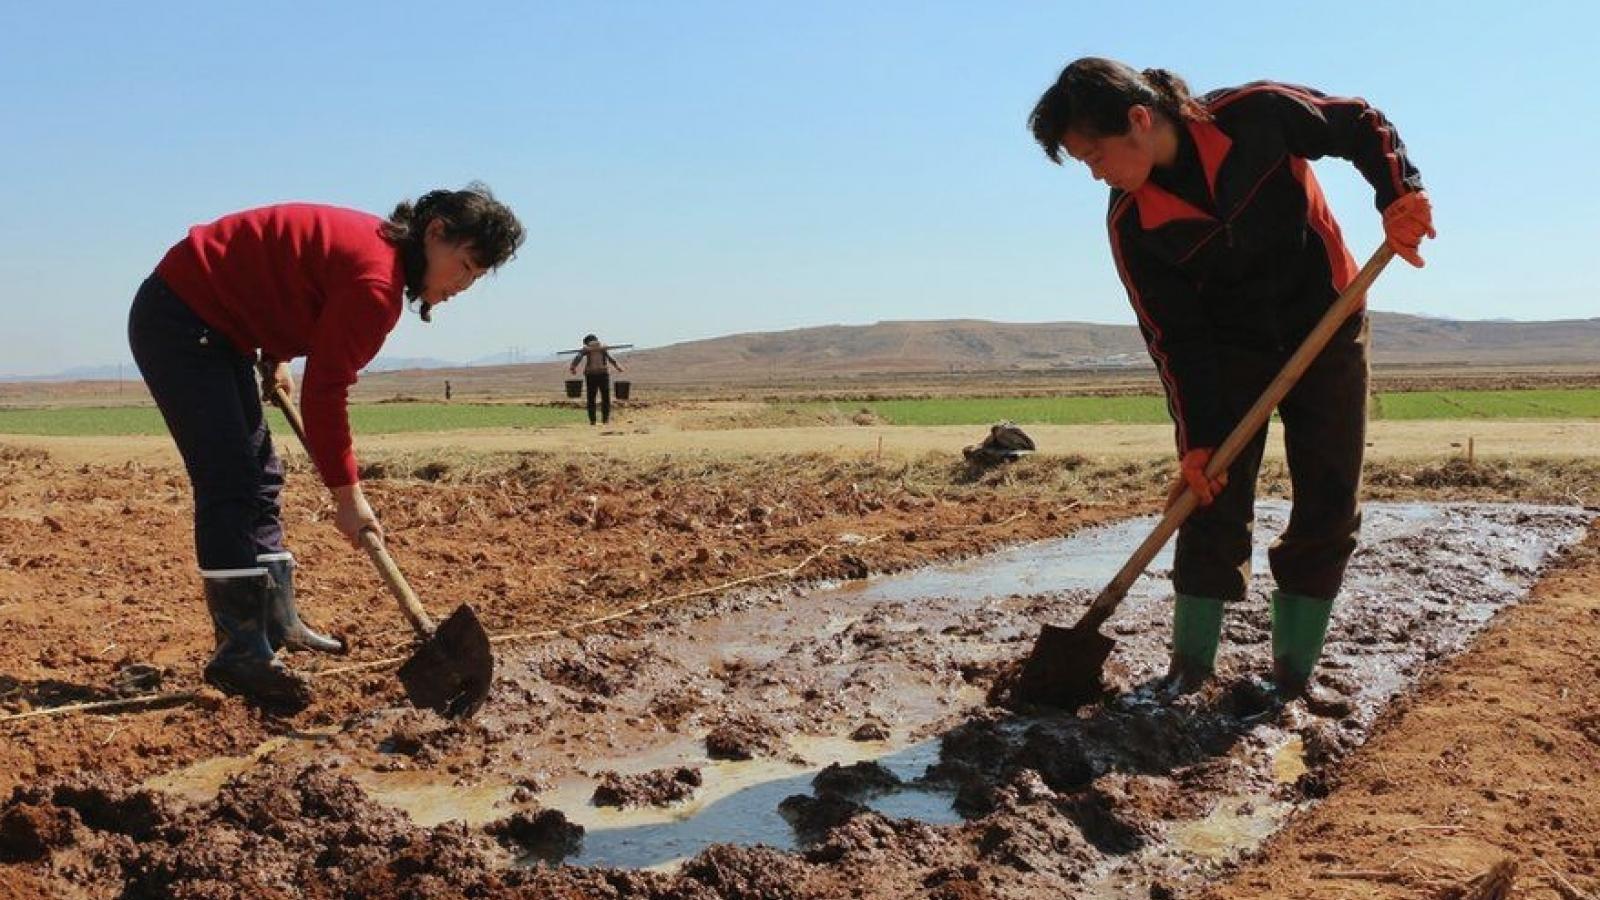 Triều Tiên tiếp tục đối mặt với hạn hán trong bối cảnh nước này thừa nhận thiếu lương thực